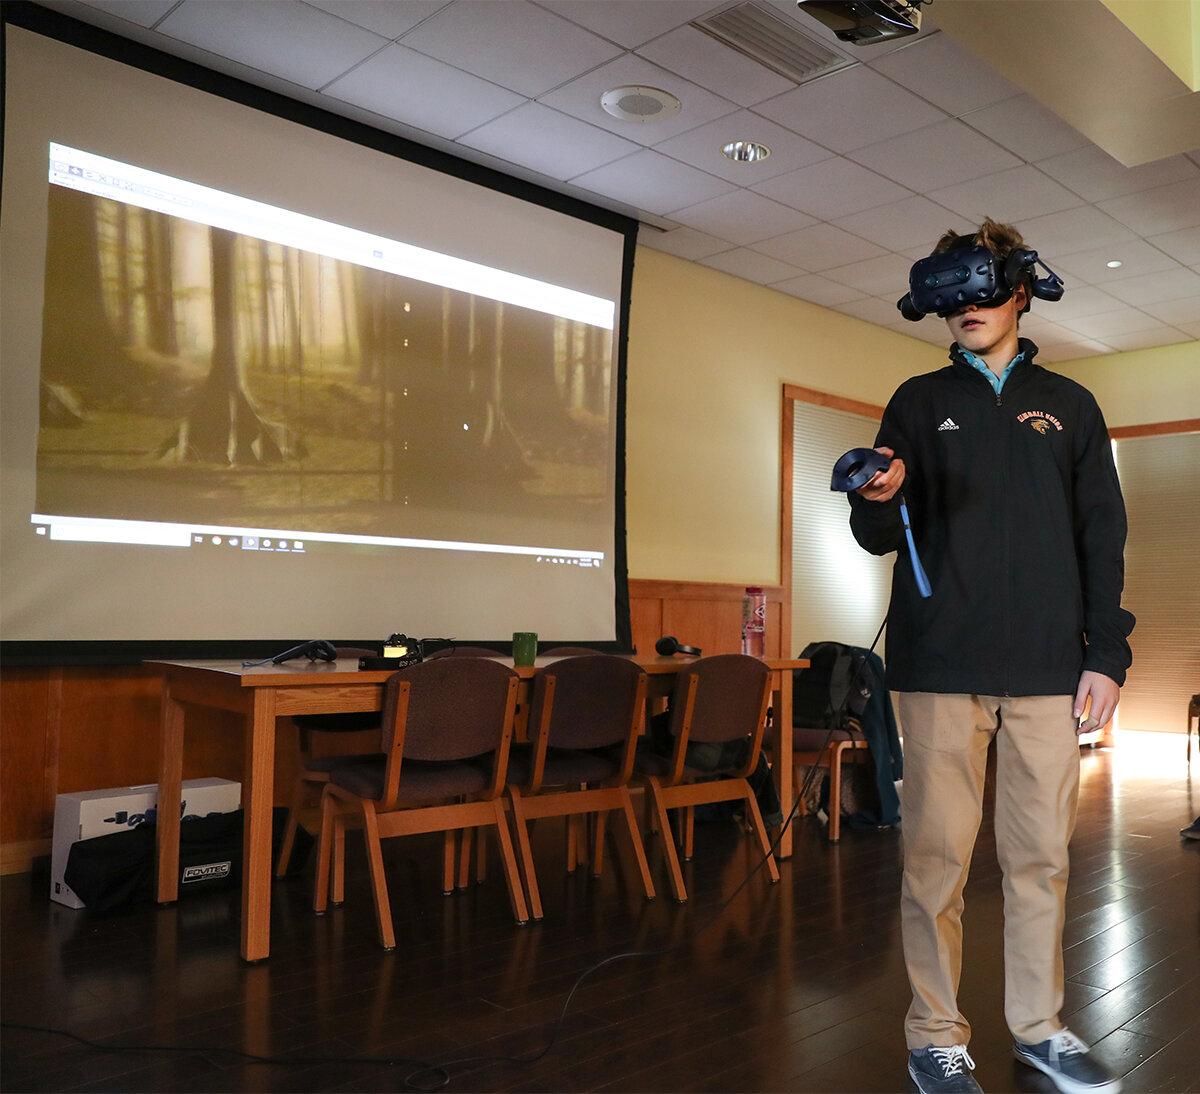 Устройство виртуальной реальности позволяет взглянуть на мир глазами долгопята